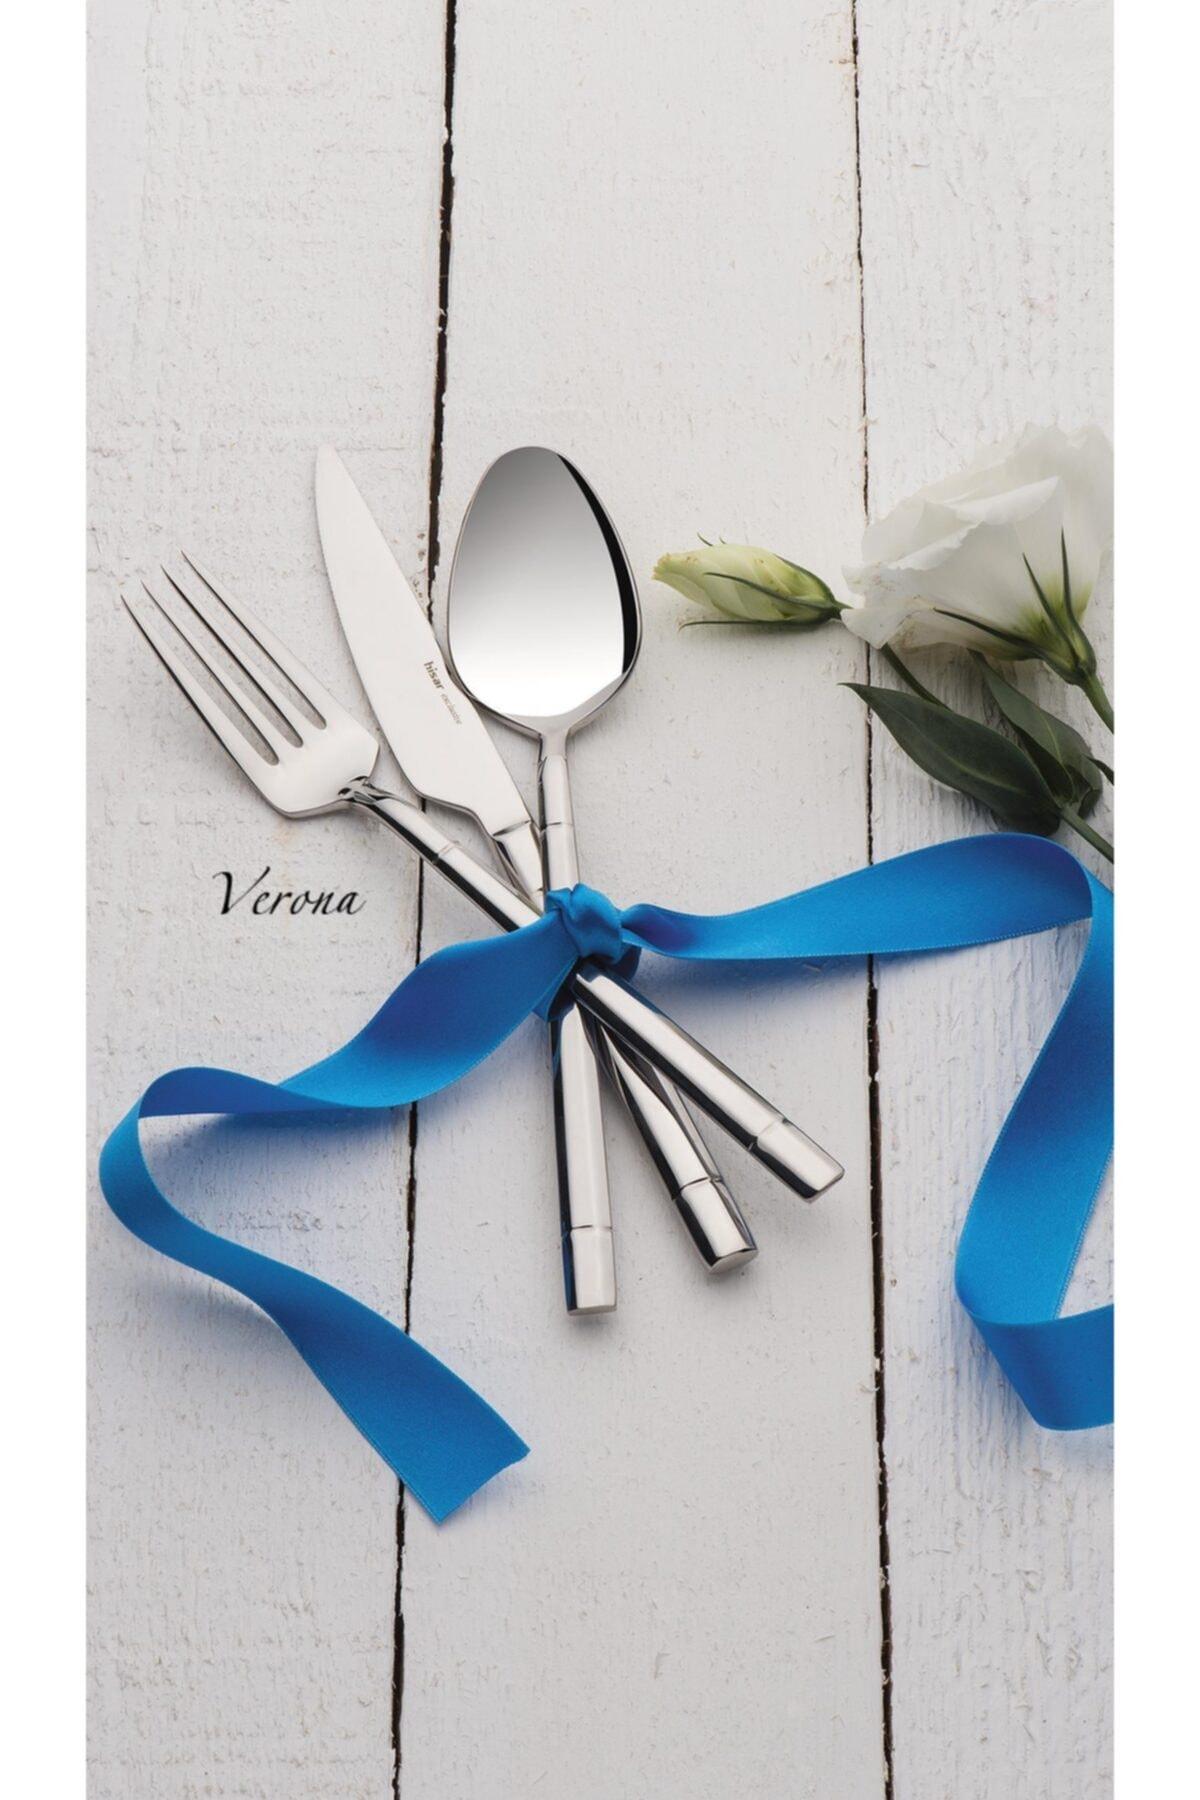 Hisar Verona 24 Parça Çelik Yemek Çatal Kaşık Bıçak Seti 2